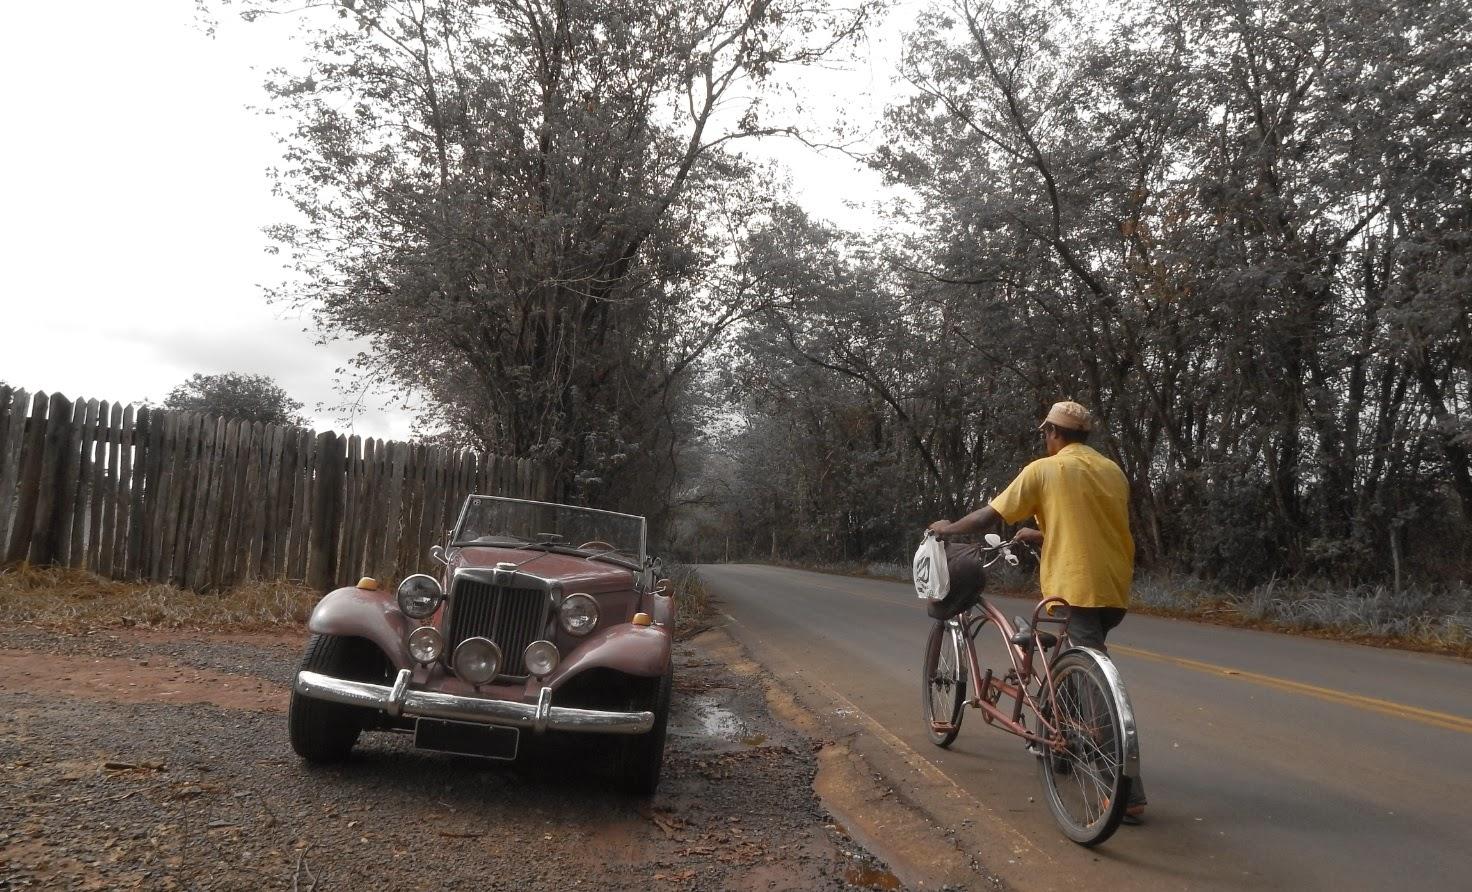 Dirigir um conversível como o MP Lafer é ideal para entrar em contato com boas estradas, com as paisagens que as cercam e com pessoas que as cruzam. O volante de um MP Lafer te coloca em contato com a vida.